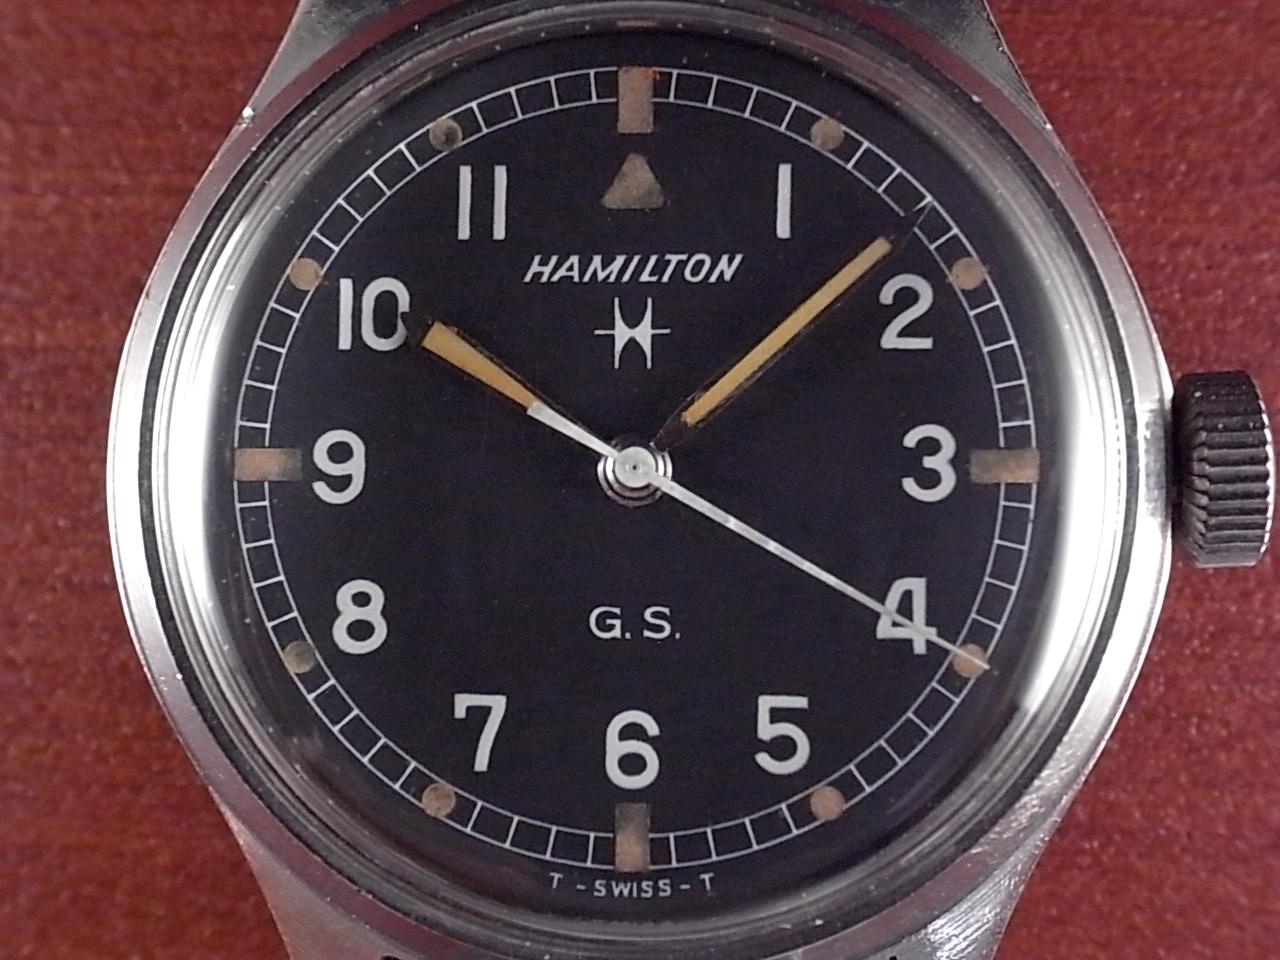 ハミルトン G.S. トロピカライズド ミリタリースペック 1960年代 の写真2枚目